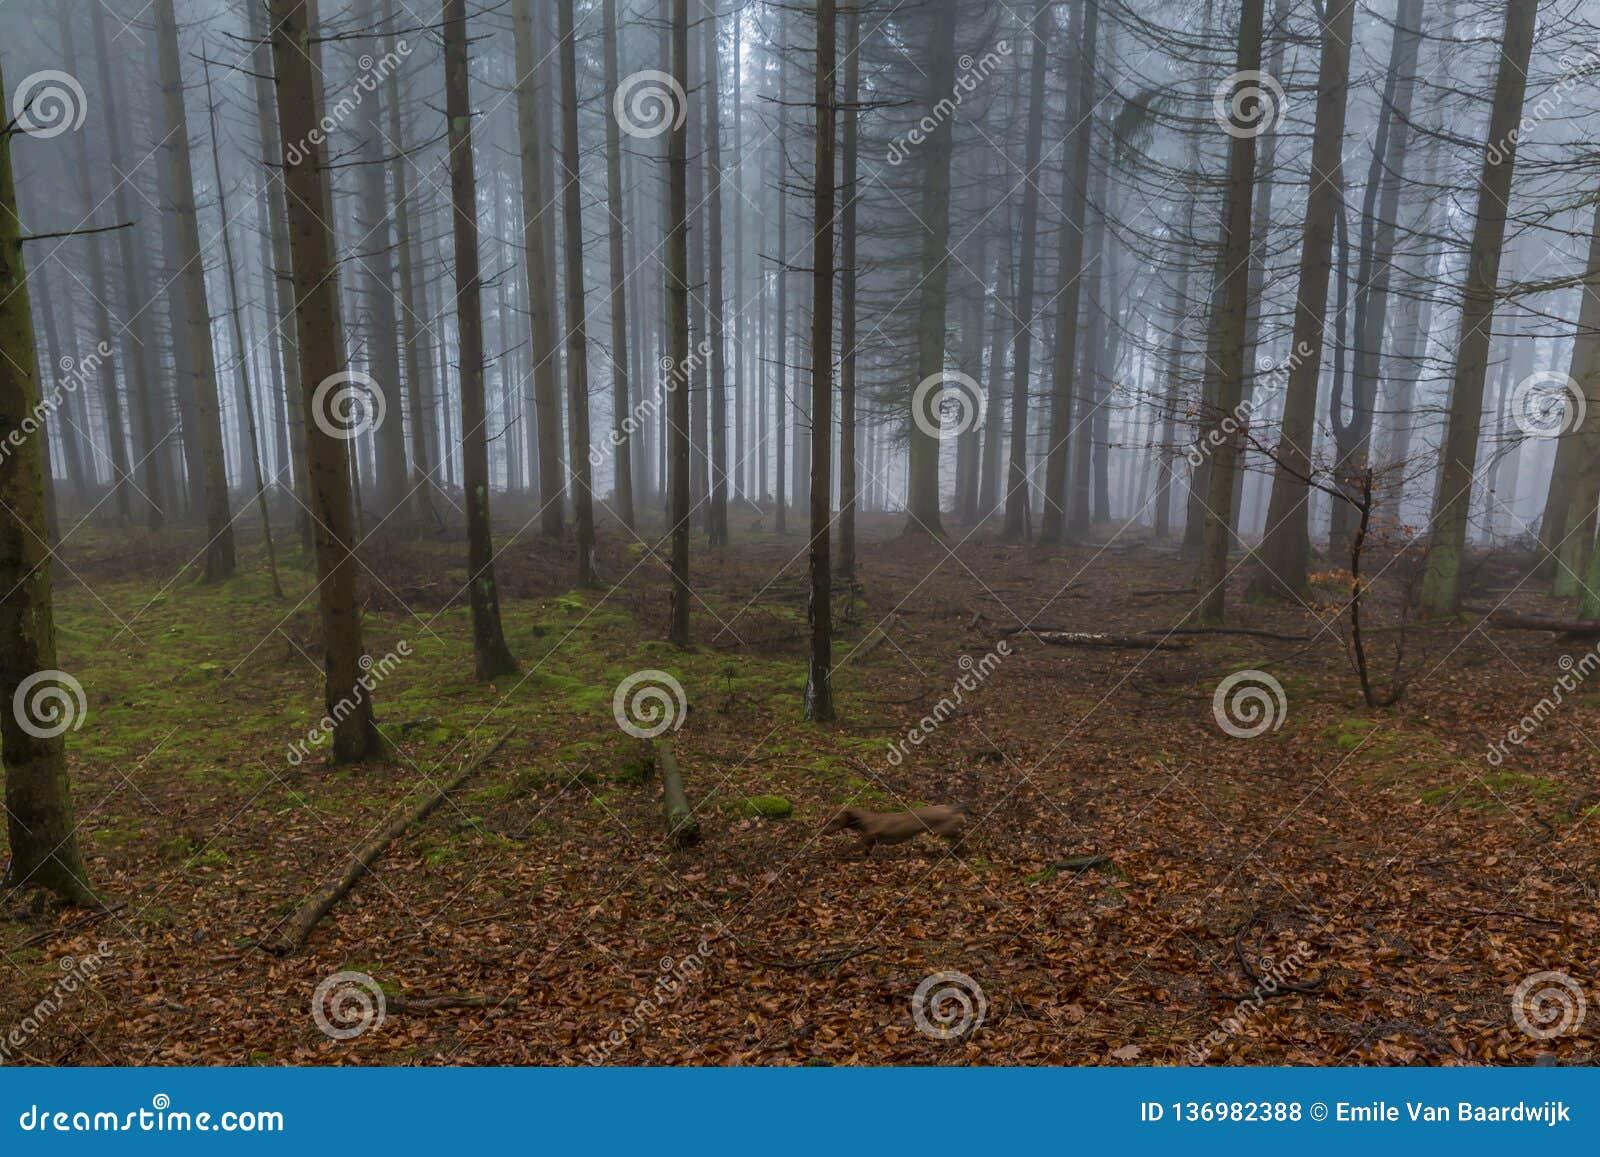 Wizerunek wysokie sosny w lesie z mech i liśćmi na ziemi z mnóstwo mgłą